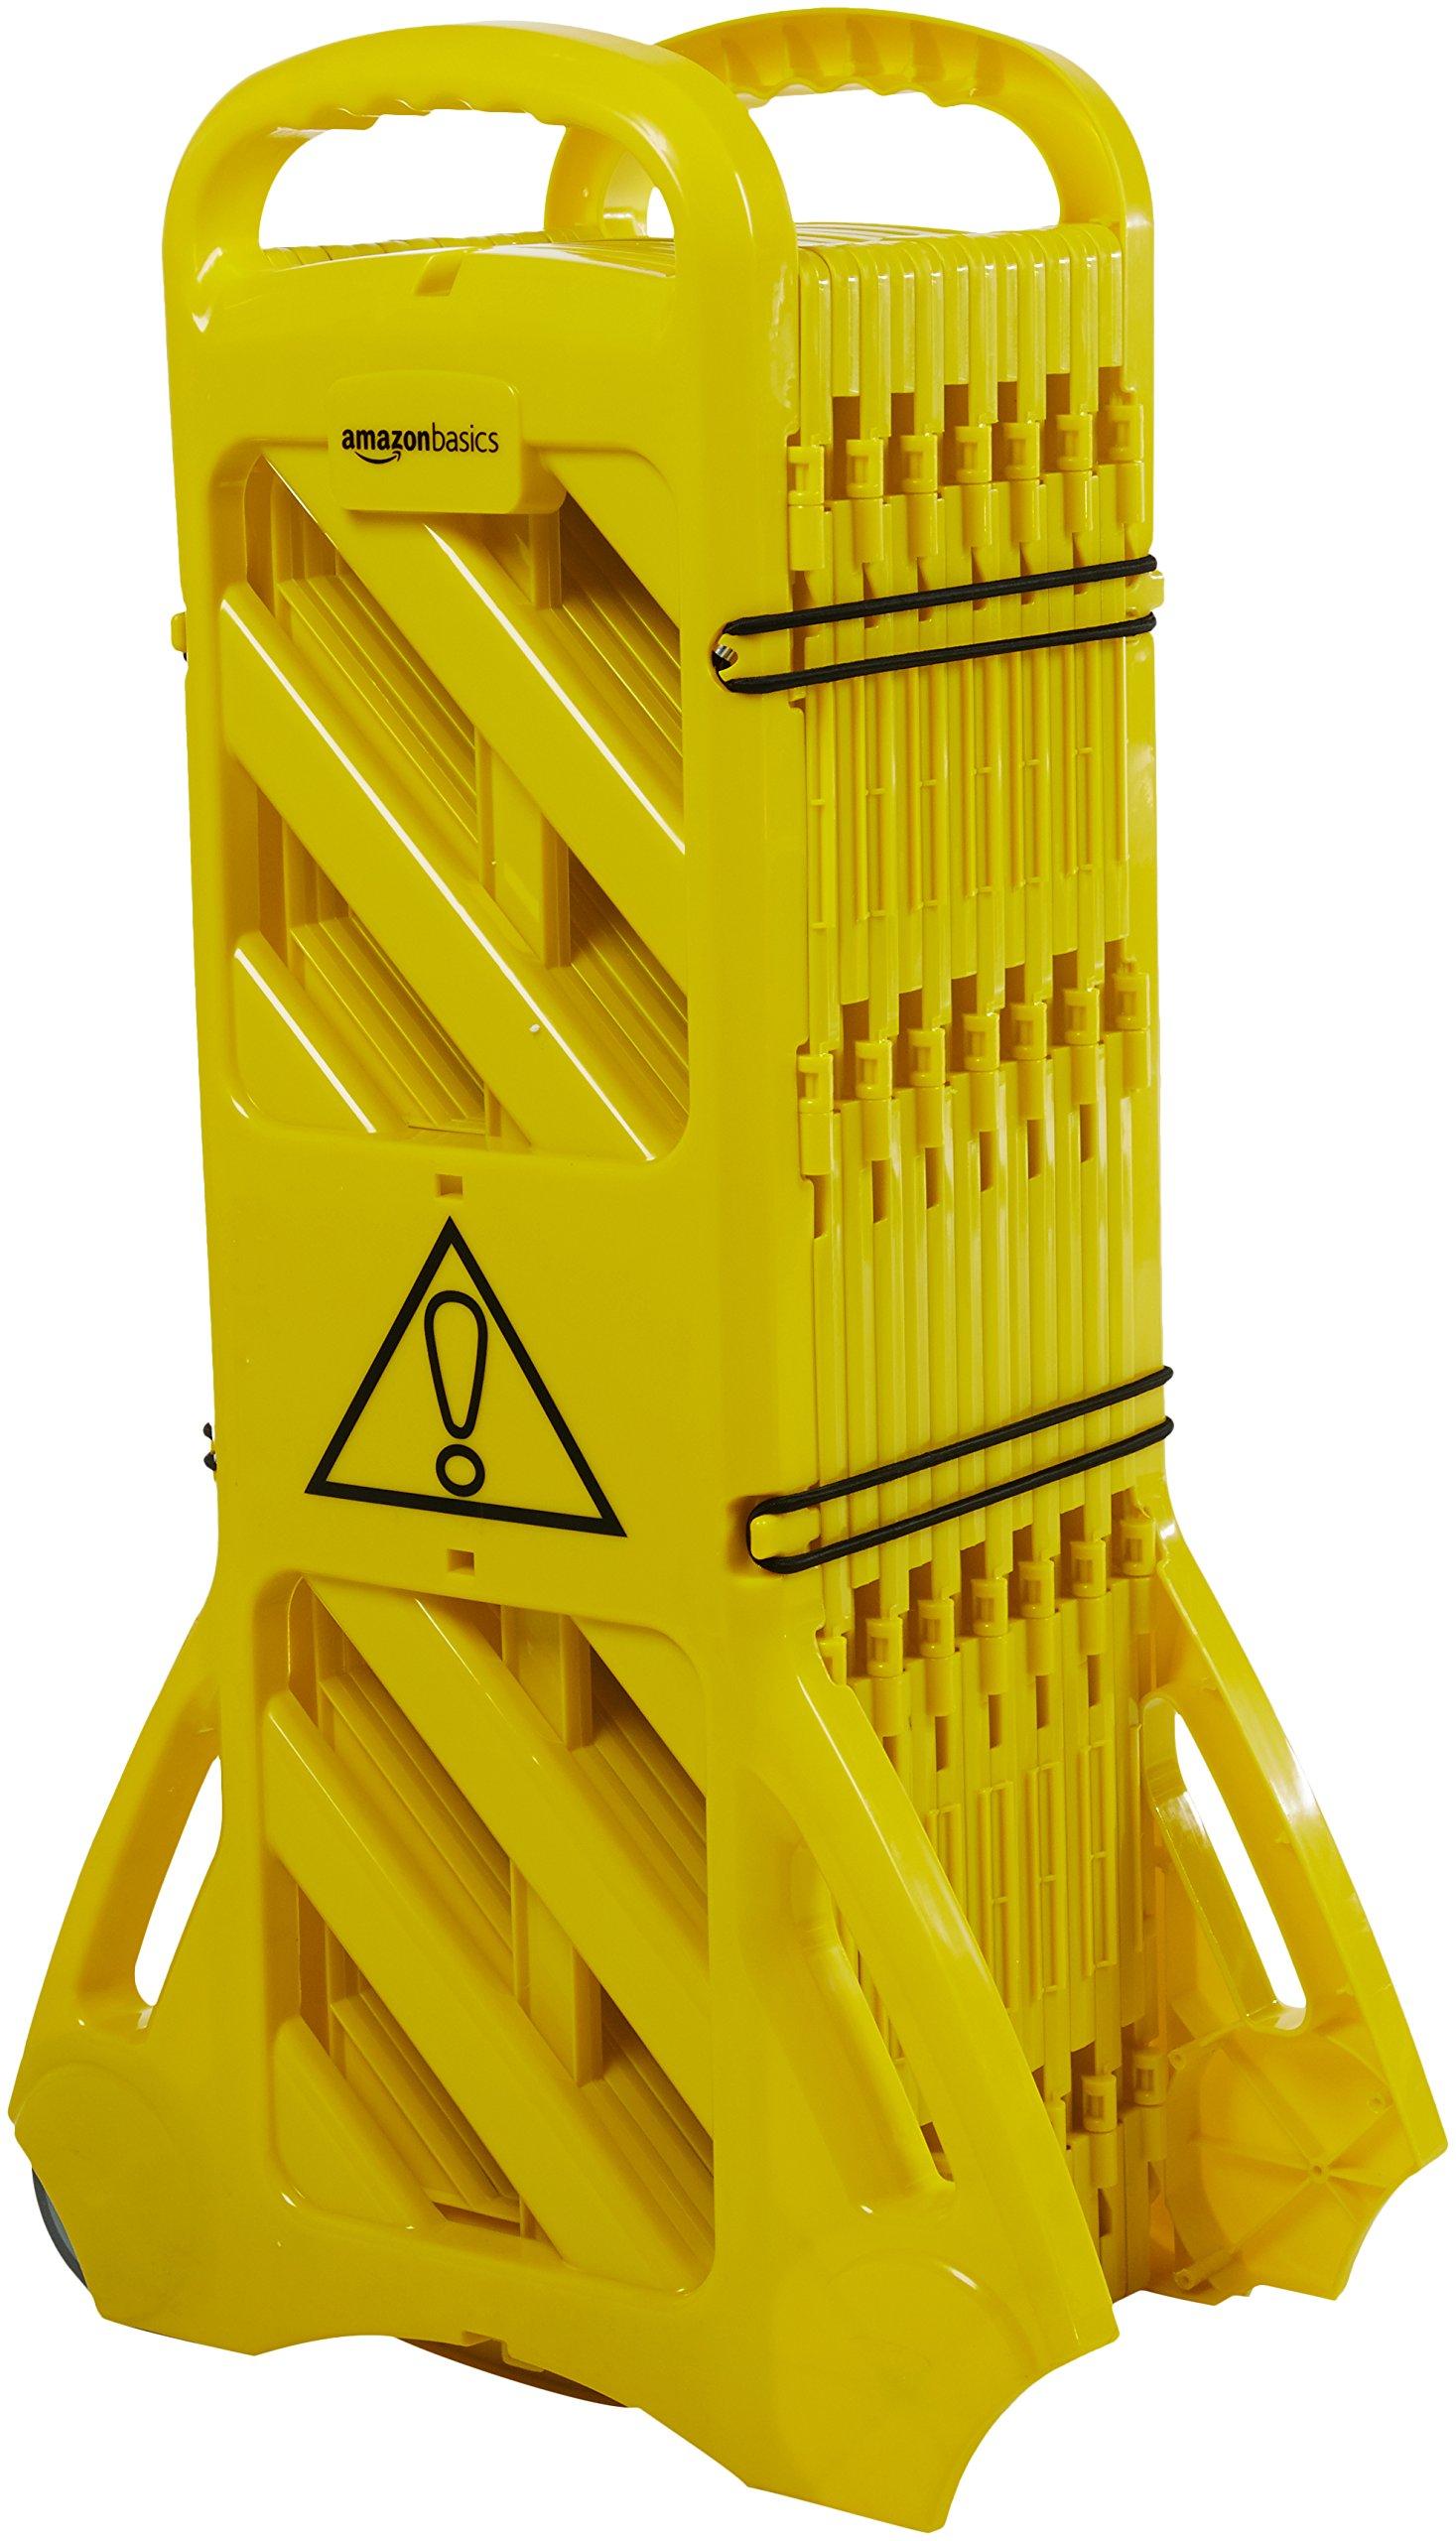 AmazonBasics Expandable Mobile Barricade Fence System, Yellow by AmazonBasics